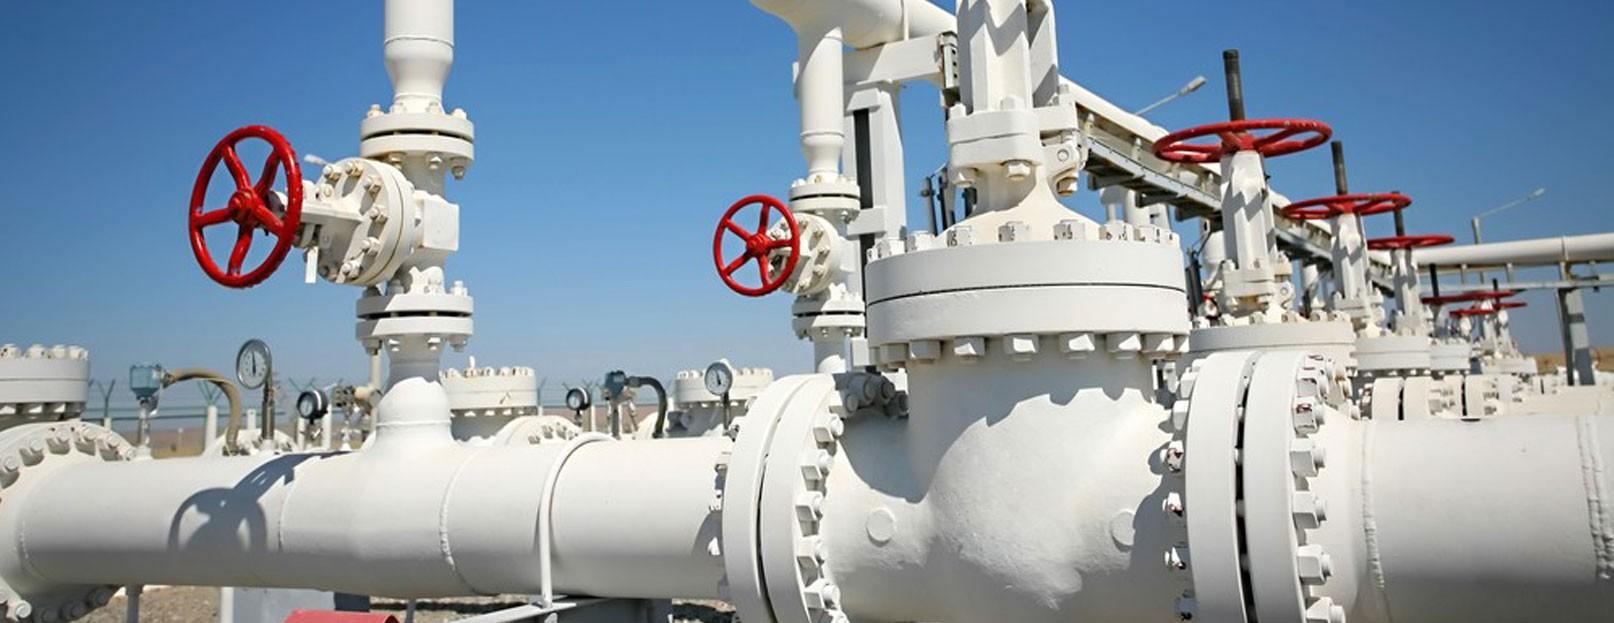 Regolatore di pressione metano e stazioni di rigassificazione del GNL